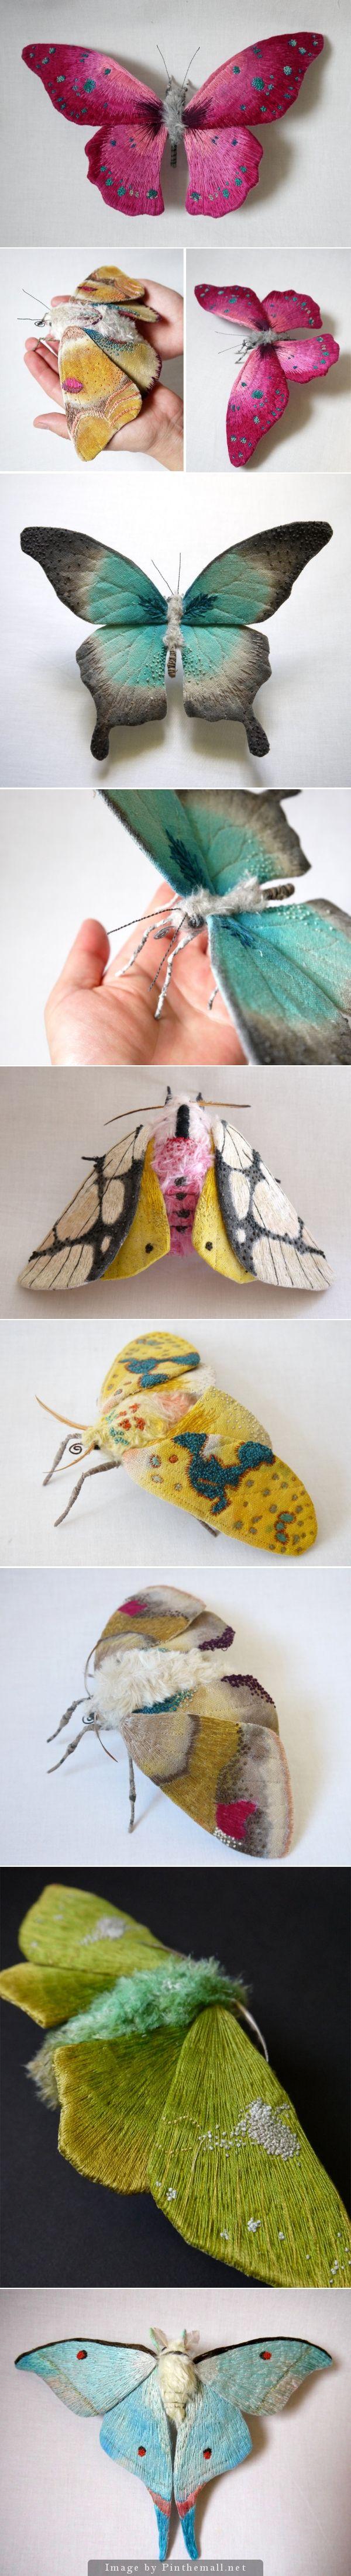 Yumi Okita textile sculptures